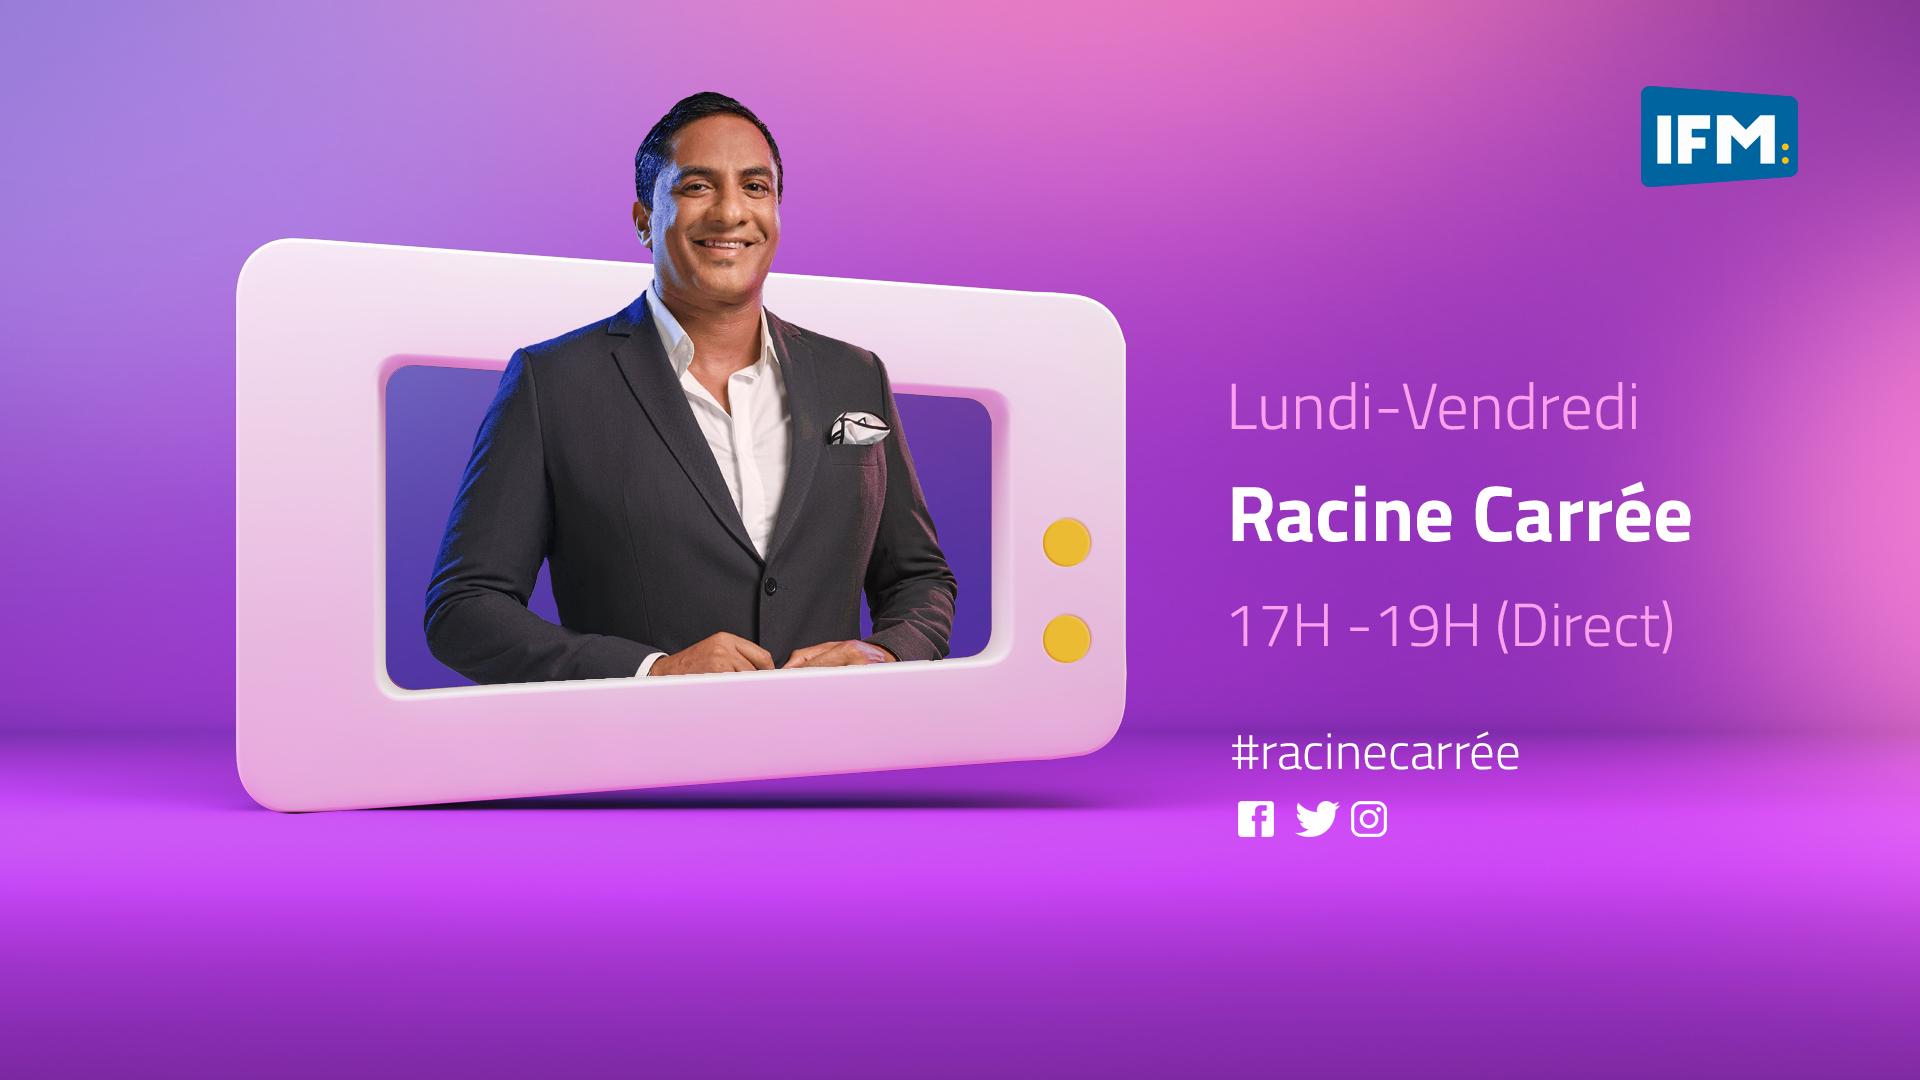 Racine Carrée